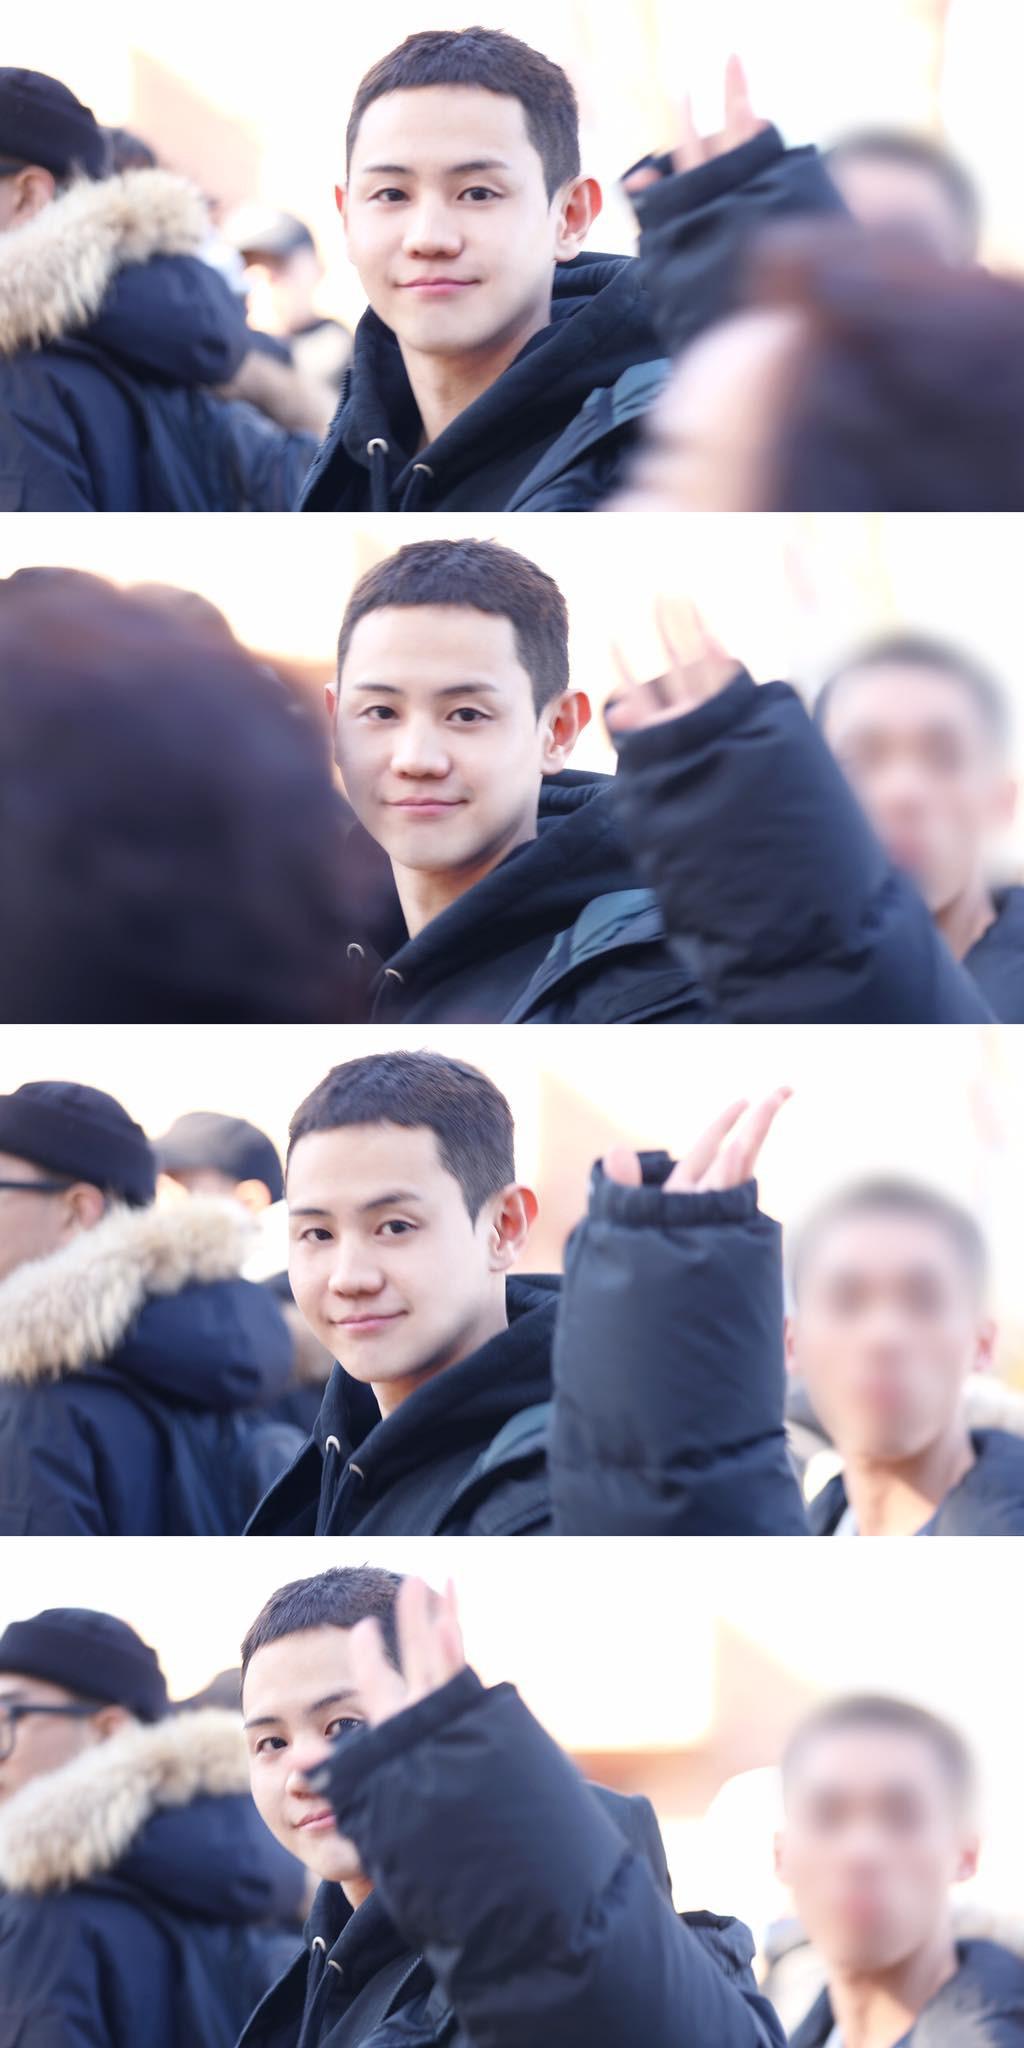 Nam idol gây sốt với loạt ảnh mặc quân phục: 30 tuổi nhập ngũ mà baby như em trai năm nhất đi học quân sự - Ảnh 5.